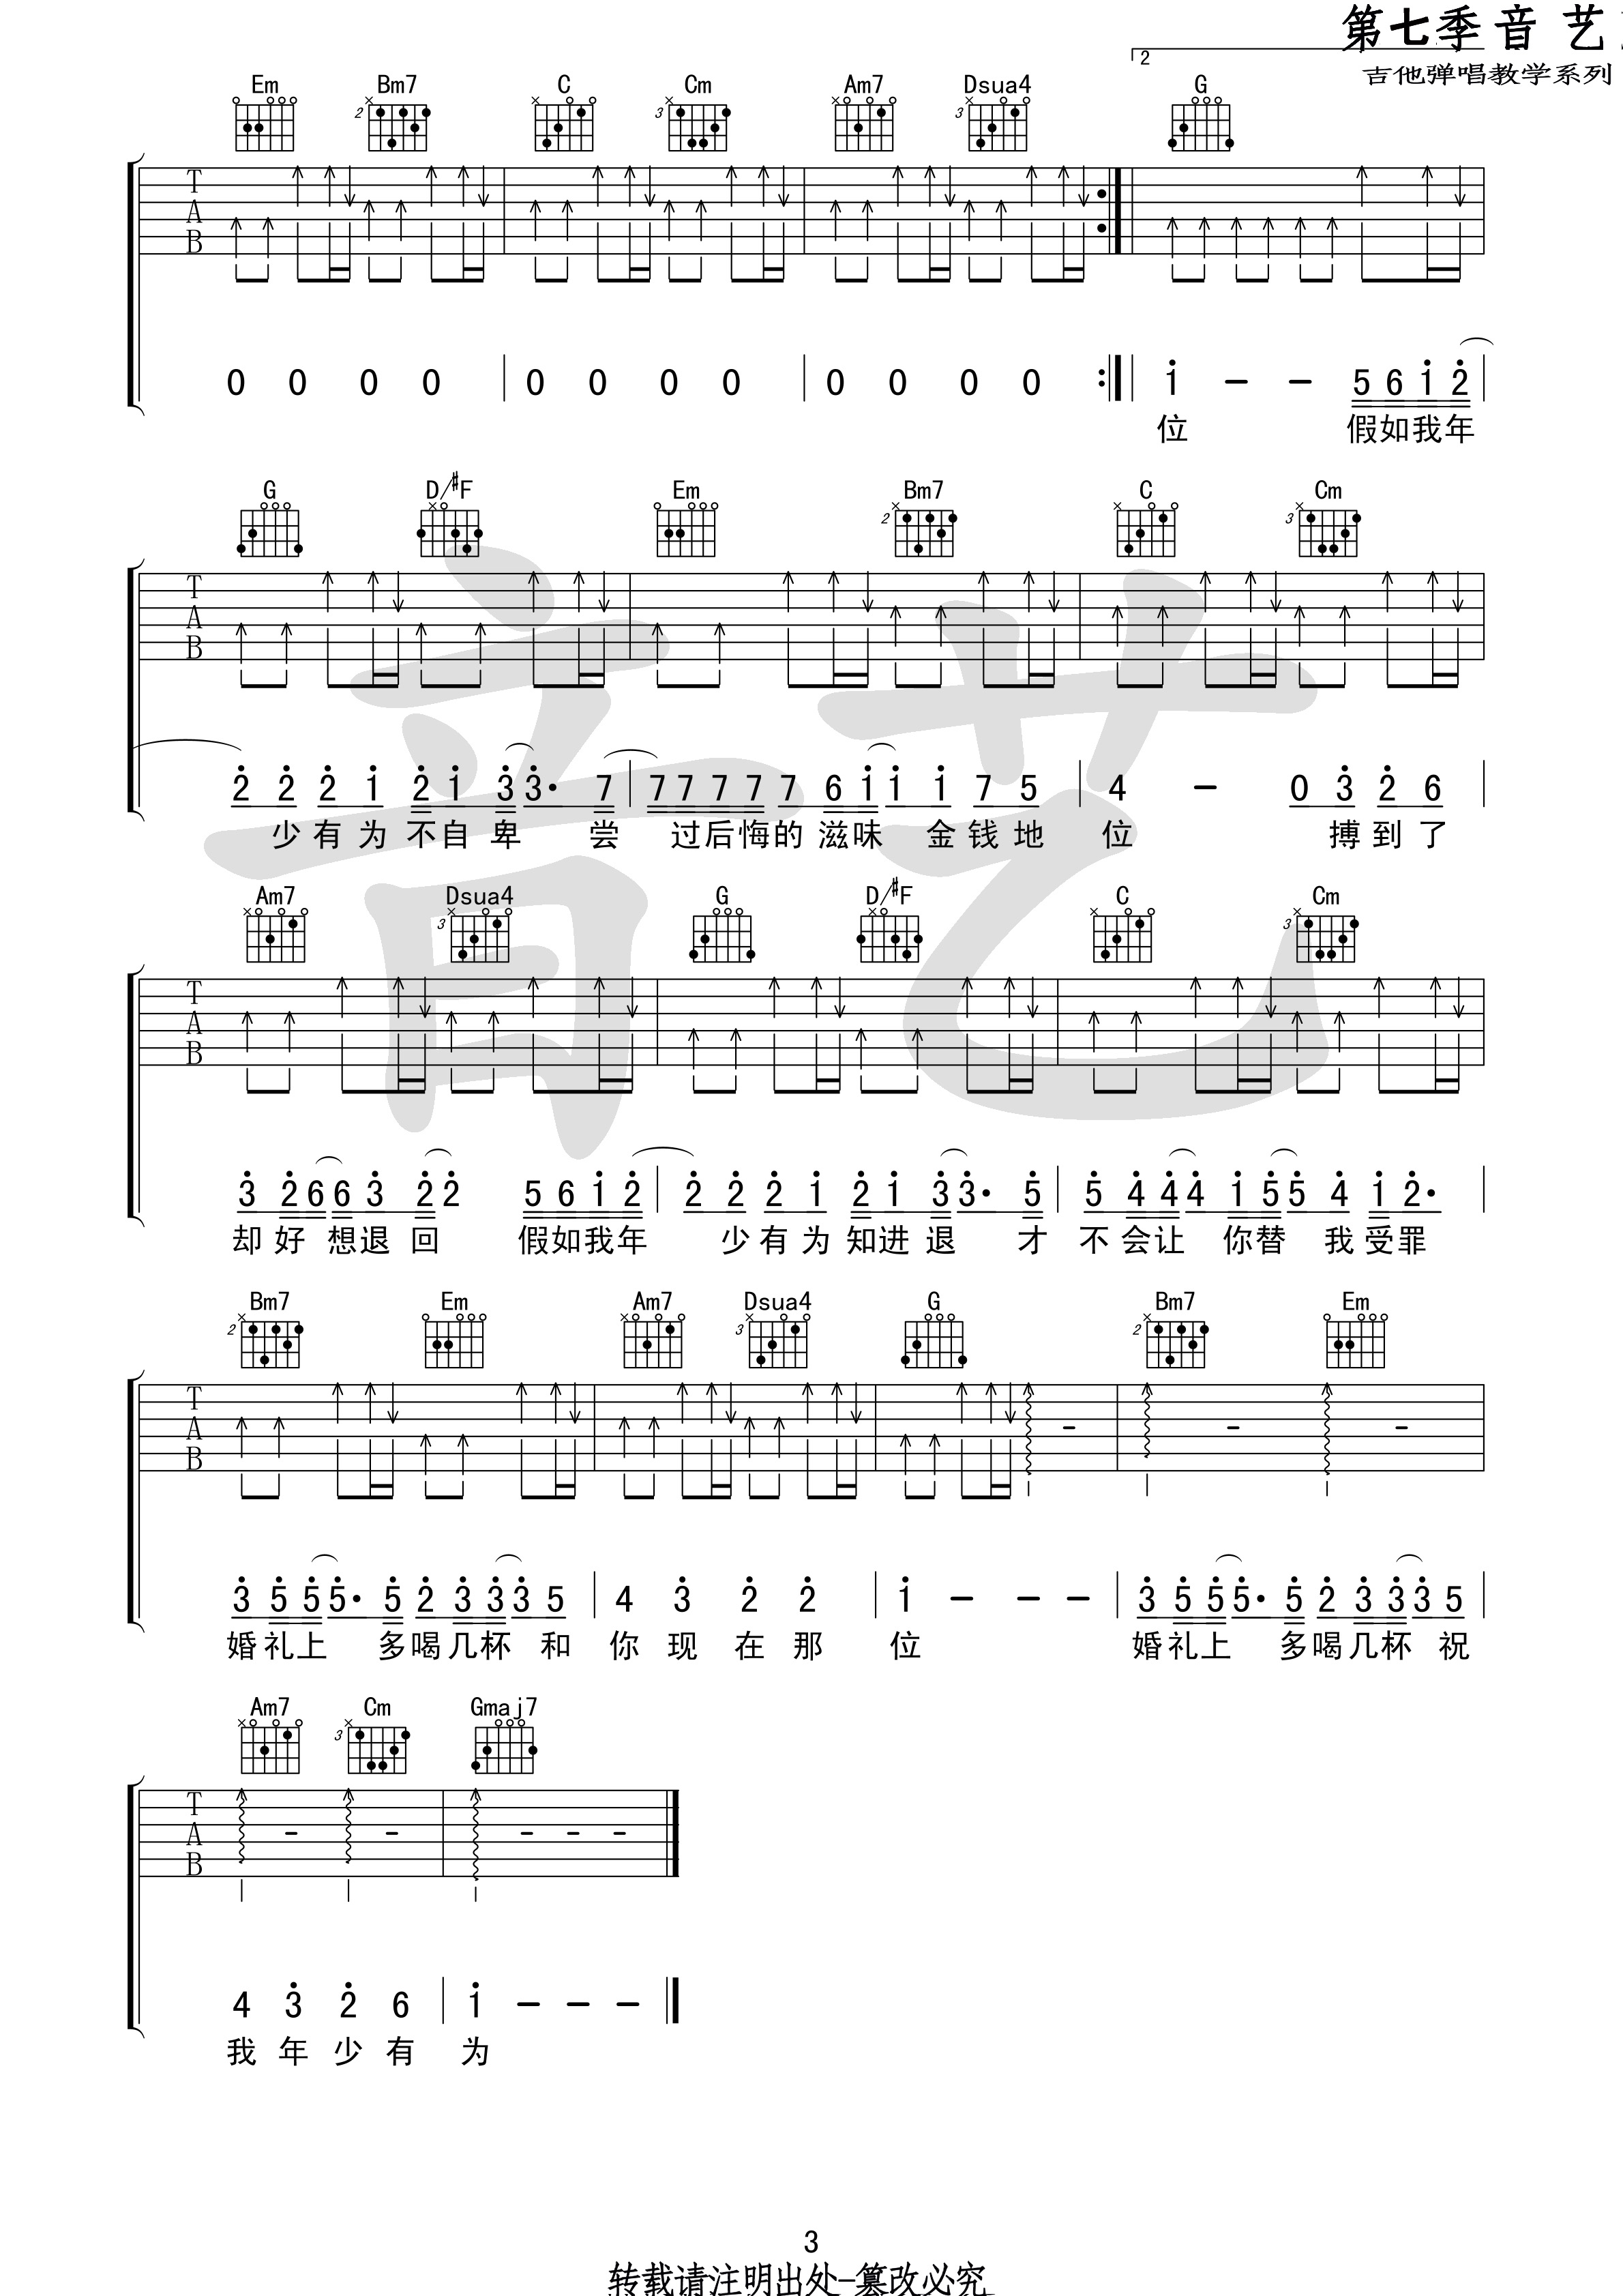 年少有为(音艺吉他弹唱教学:第七季第72集)吉他谱(图片谱,弹唱,伴奏,音艺吉他弹唱教学)_李荣浩_年少有为3 第七季第七十二集.jpg